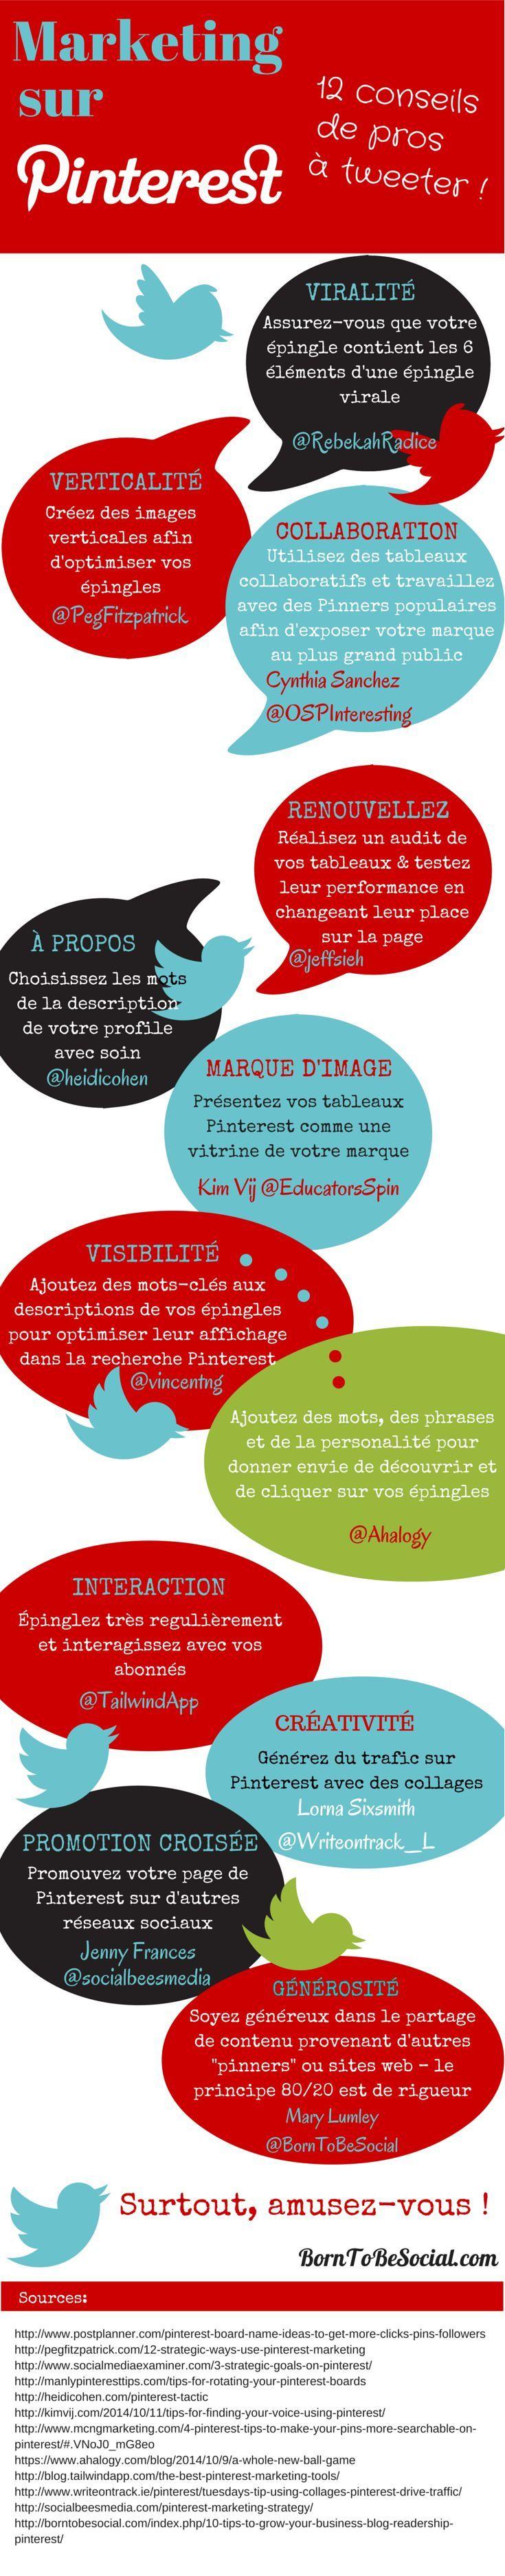 Marketing sur Pinterest : 12 conseils de pros [Infographie] | @borntobesocial